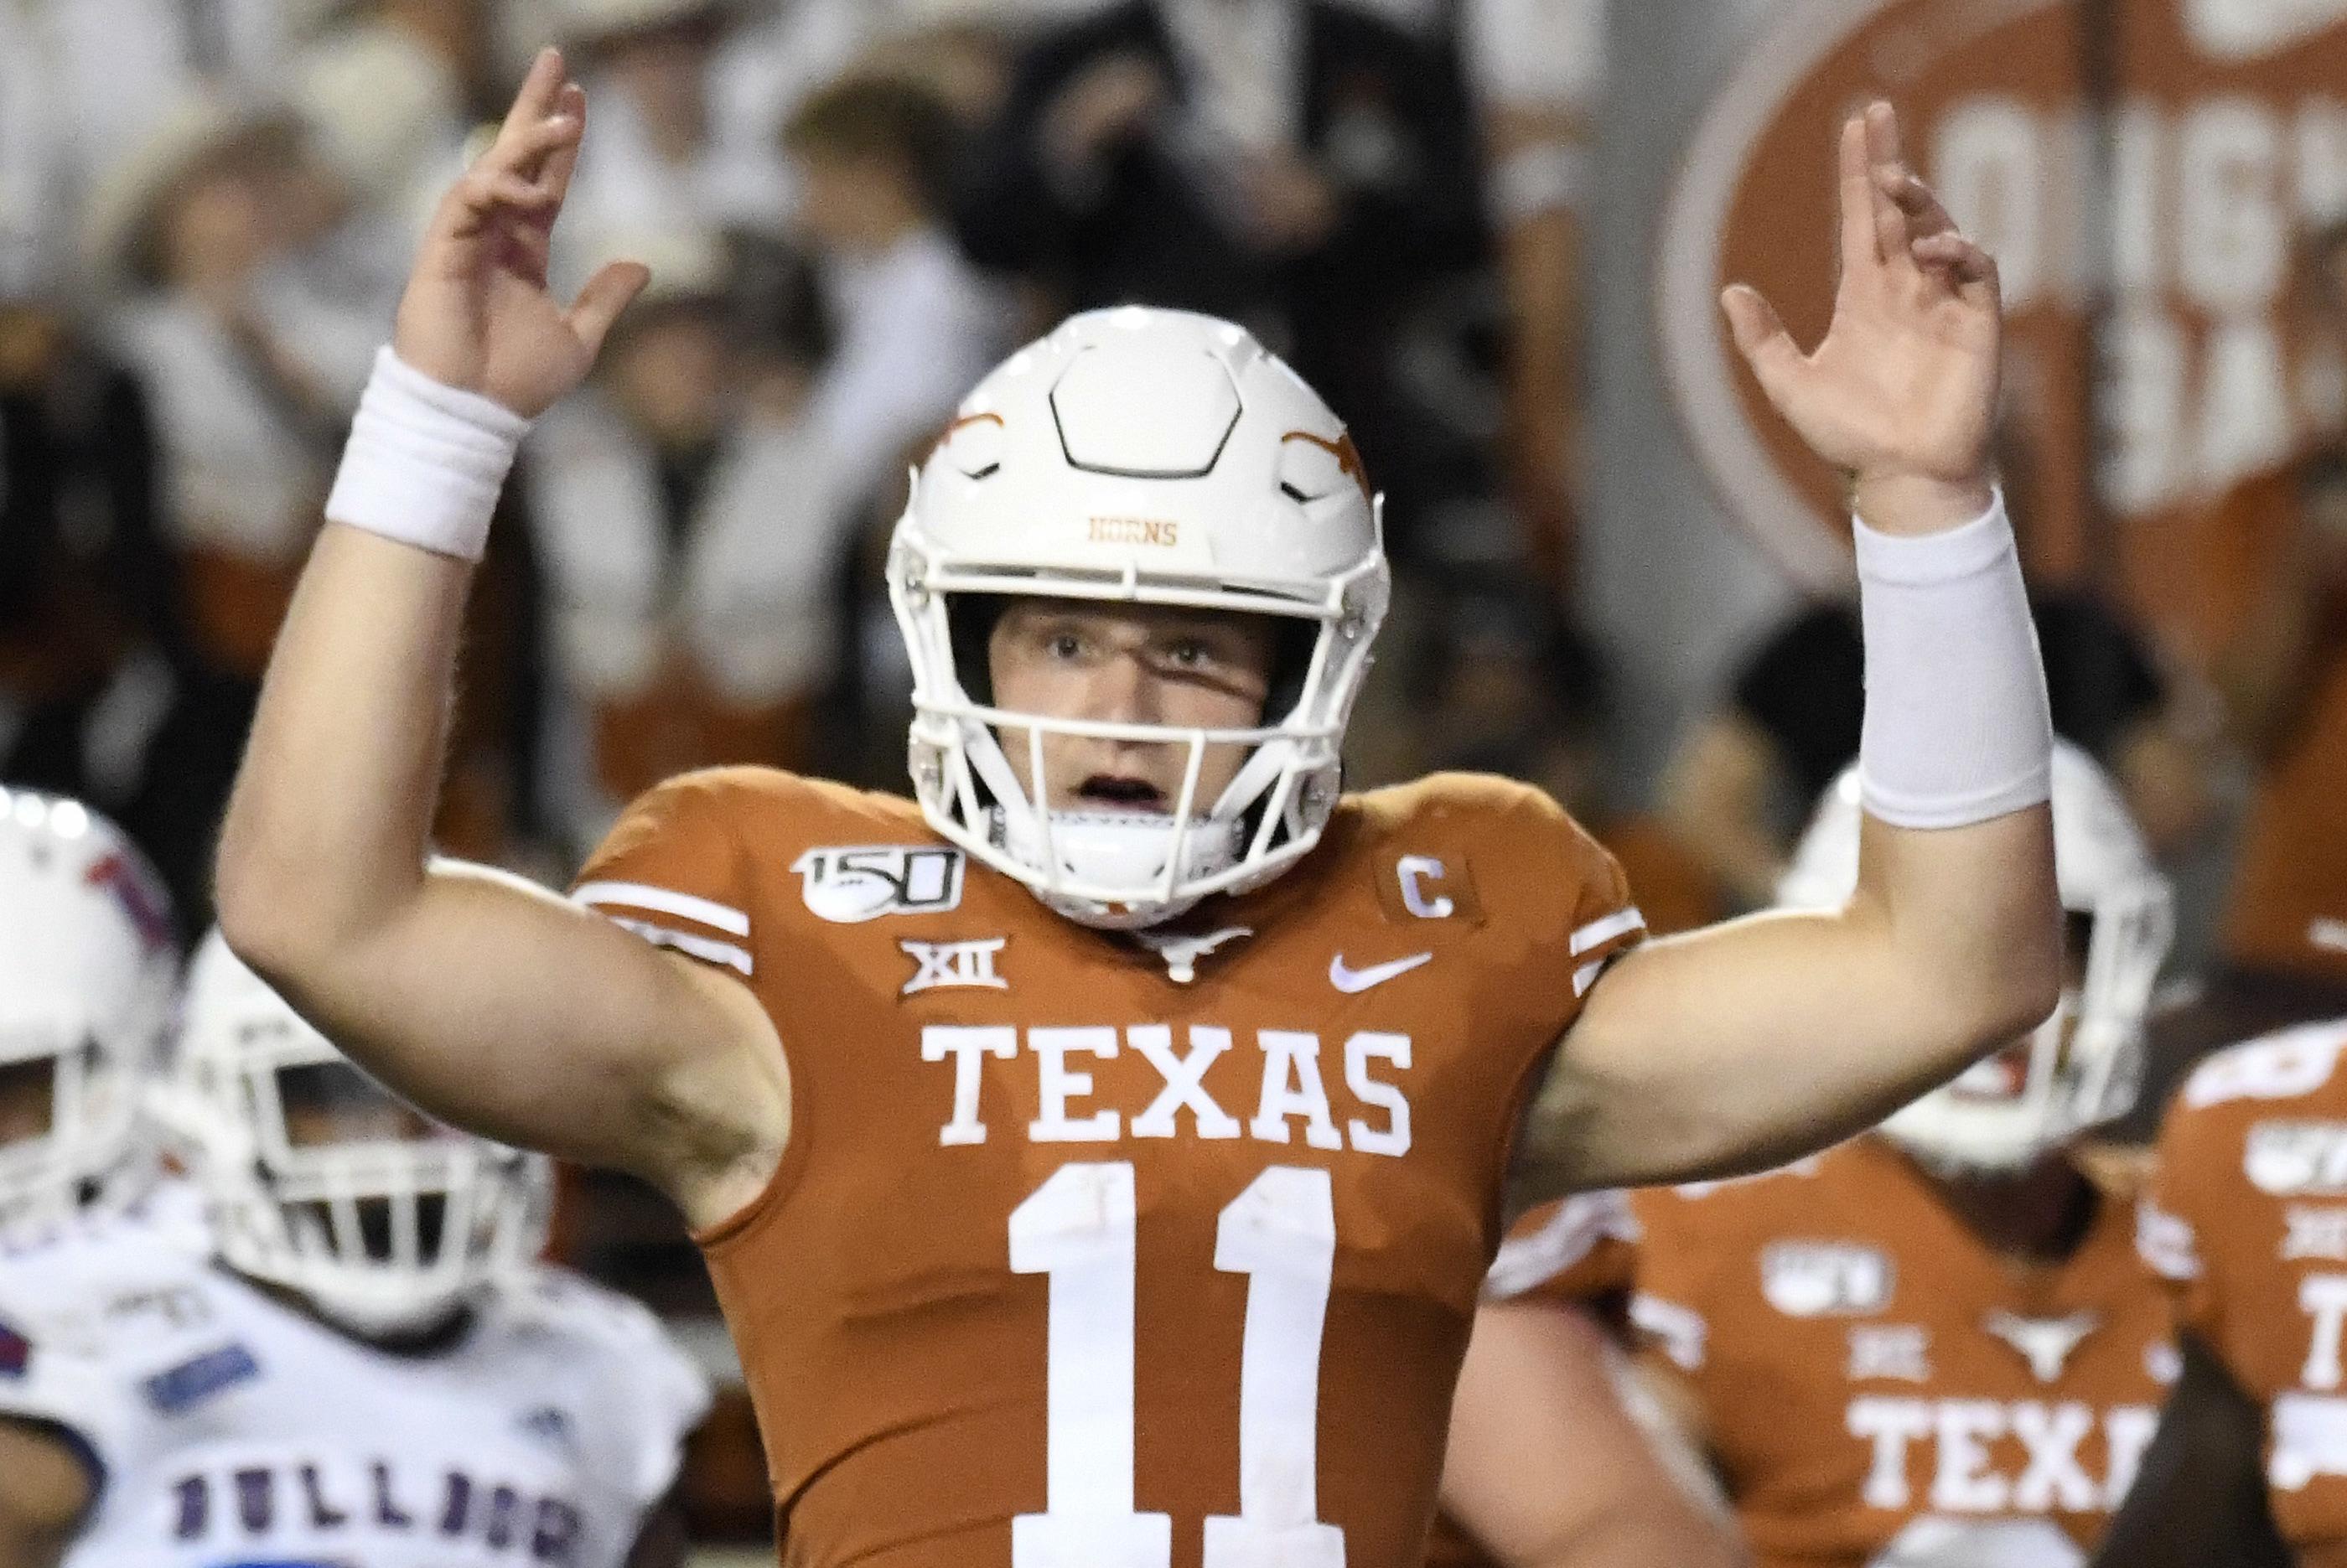 Texas longhorns ncaa football white helmet logo clipart image freeuse Texas Longhorns Football | Bleacher Report | Latest News ... image freeuse